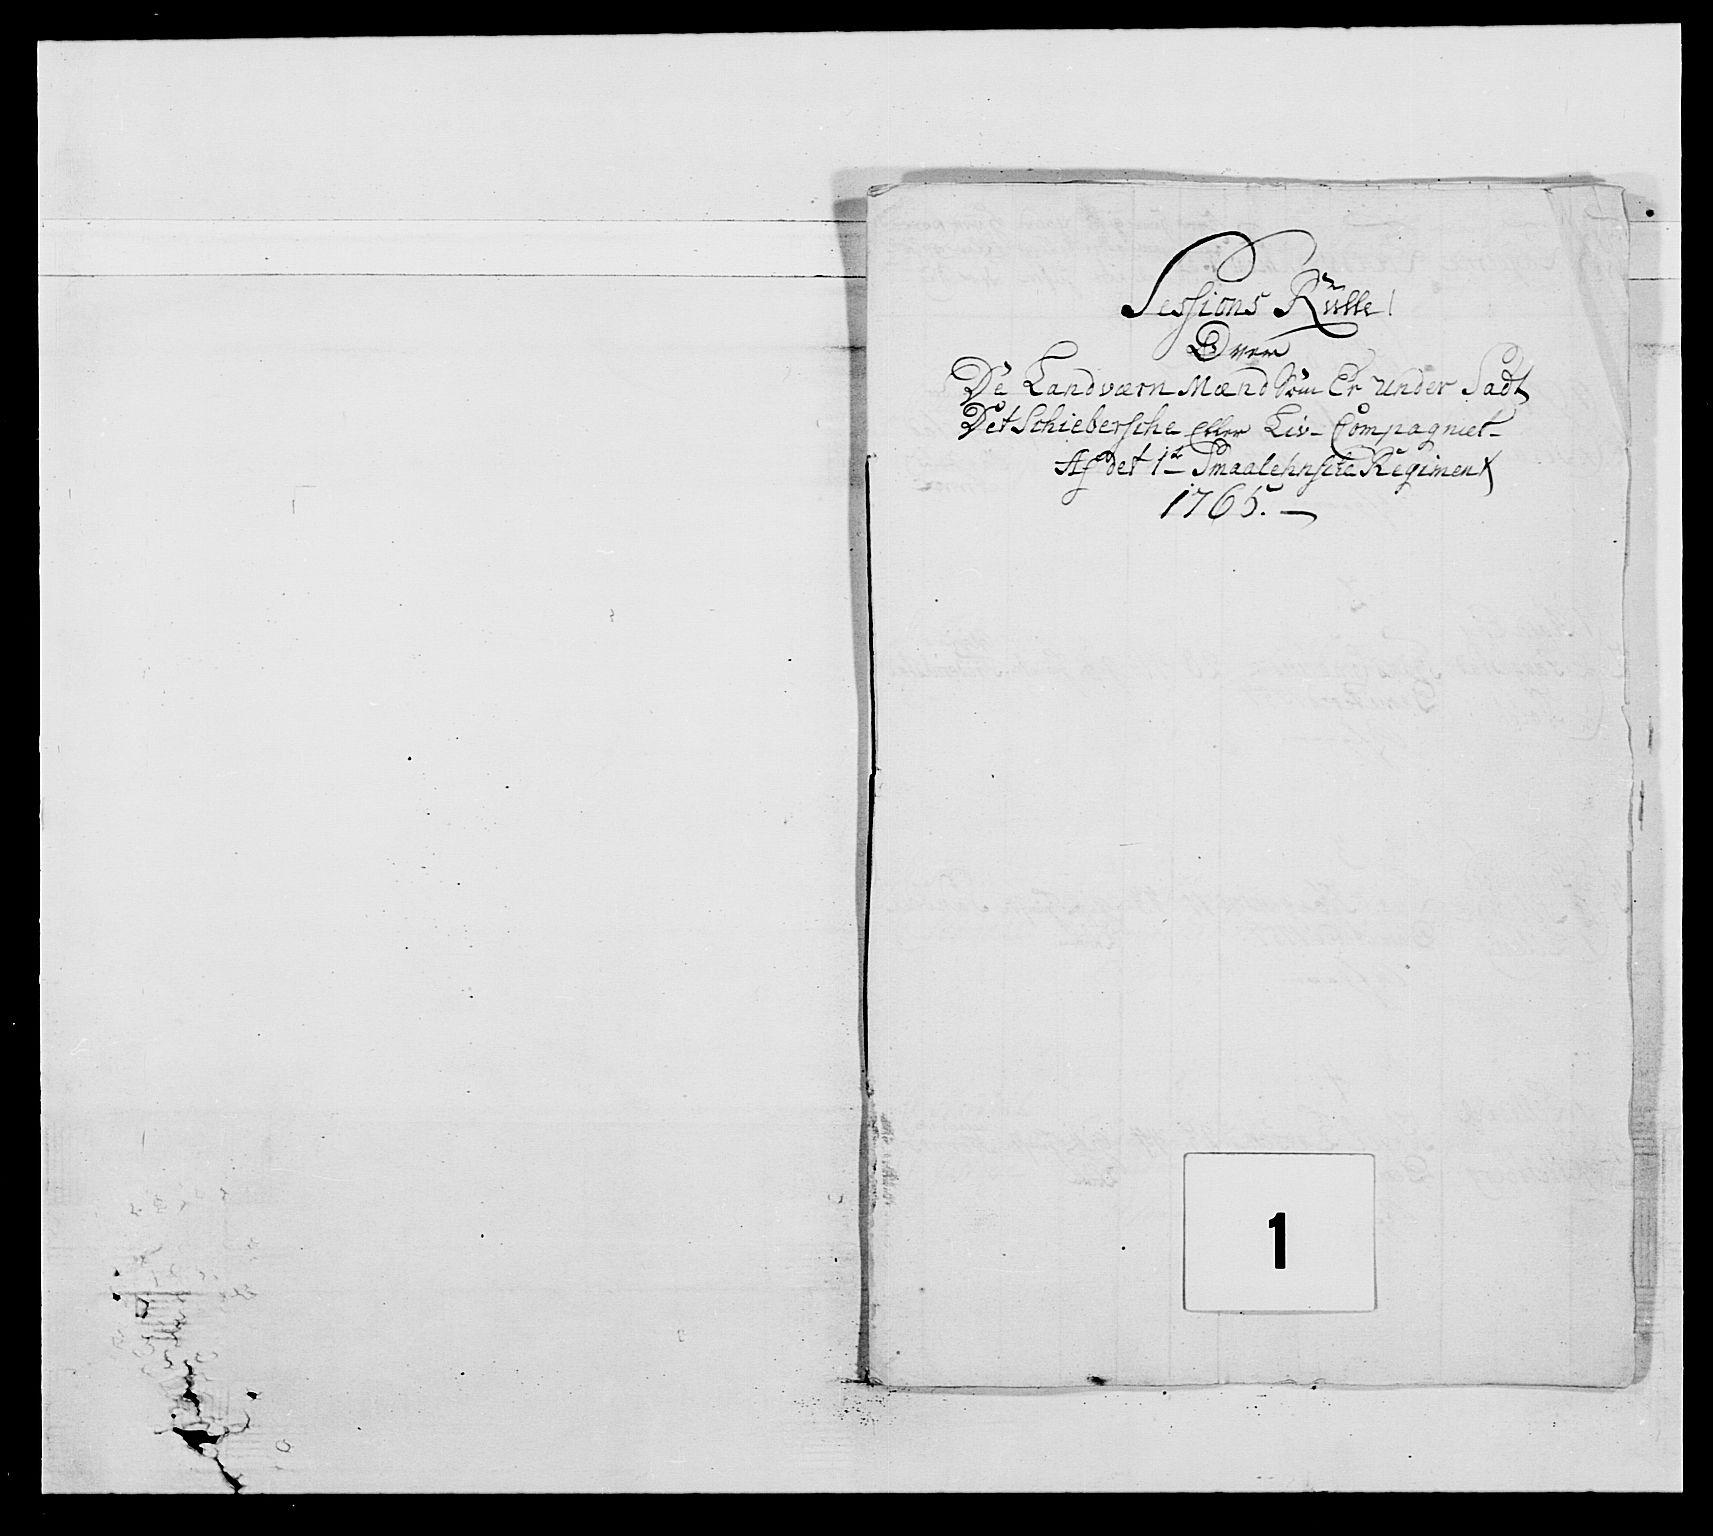 RA, Kommanderende general (KG I) med Det norske krigsdirektorium, E/Ea/L0496: 1. Smålenske regiment, 1765-1767, s. 8